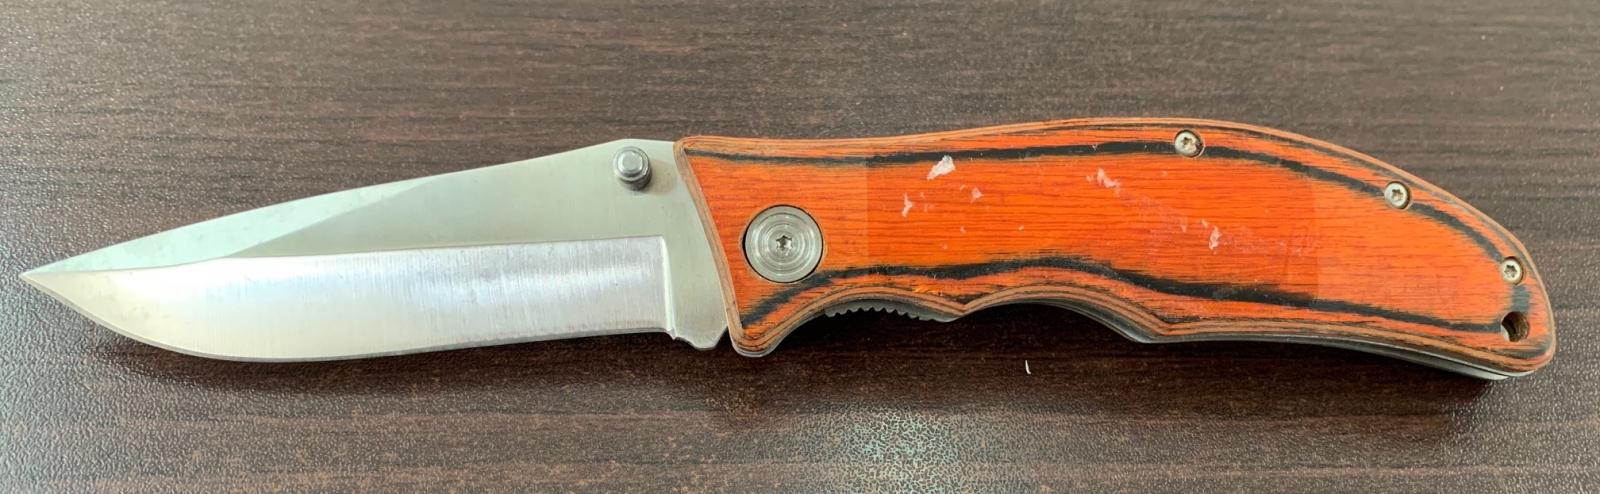 Складной нож с оранжевой деревянной накладкой на рукояти